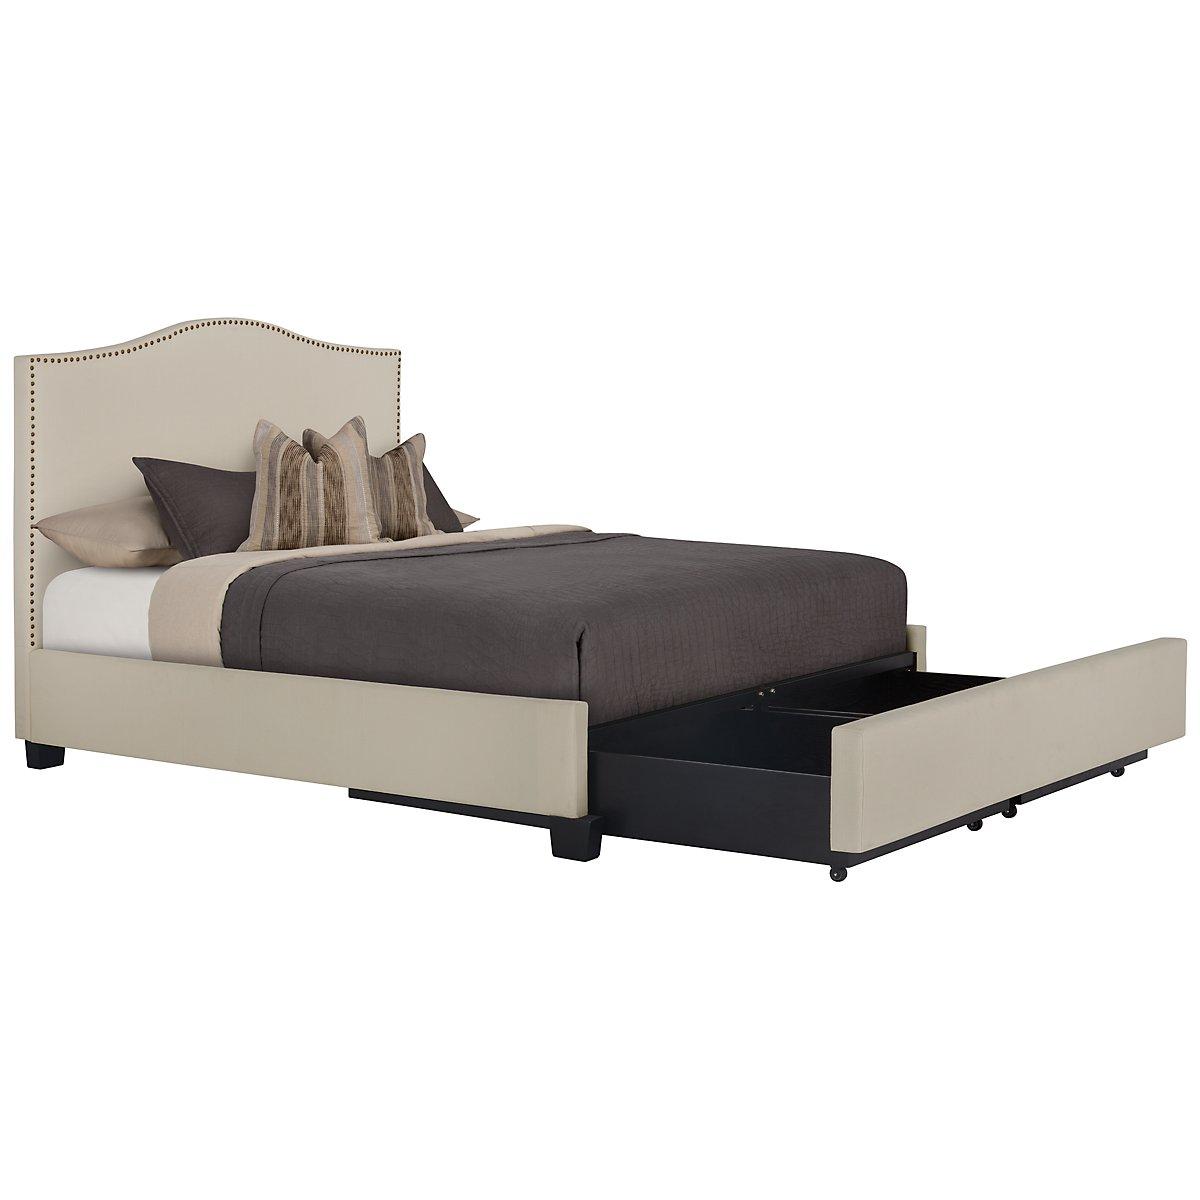 Dawson Beige Upholstered Platform Storage Bed